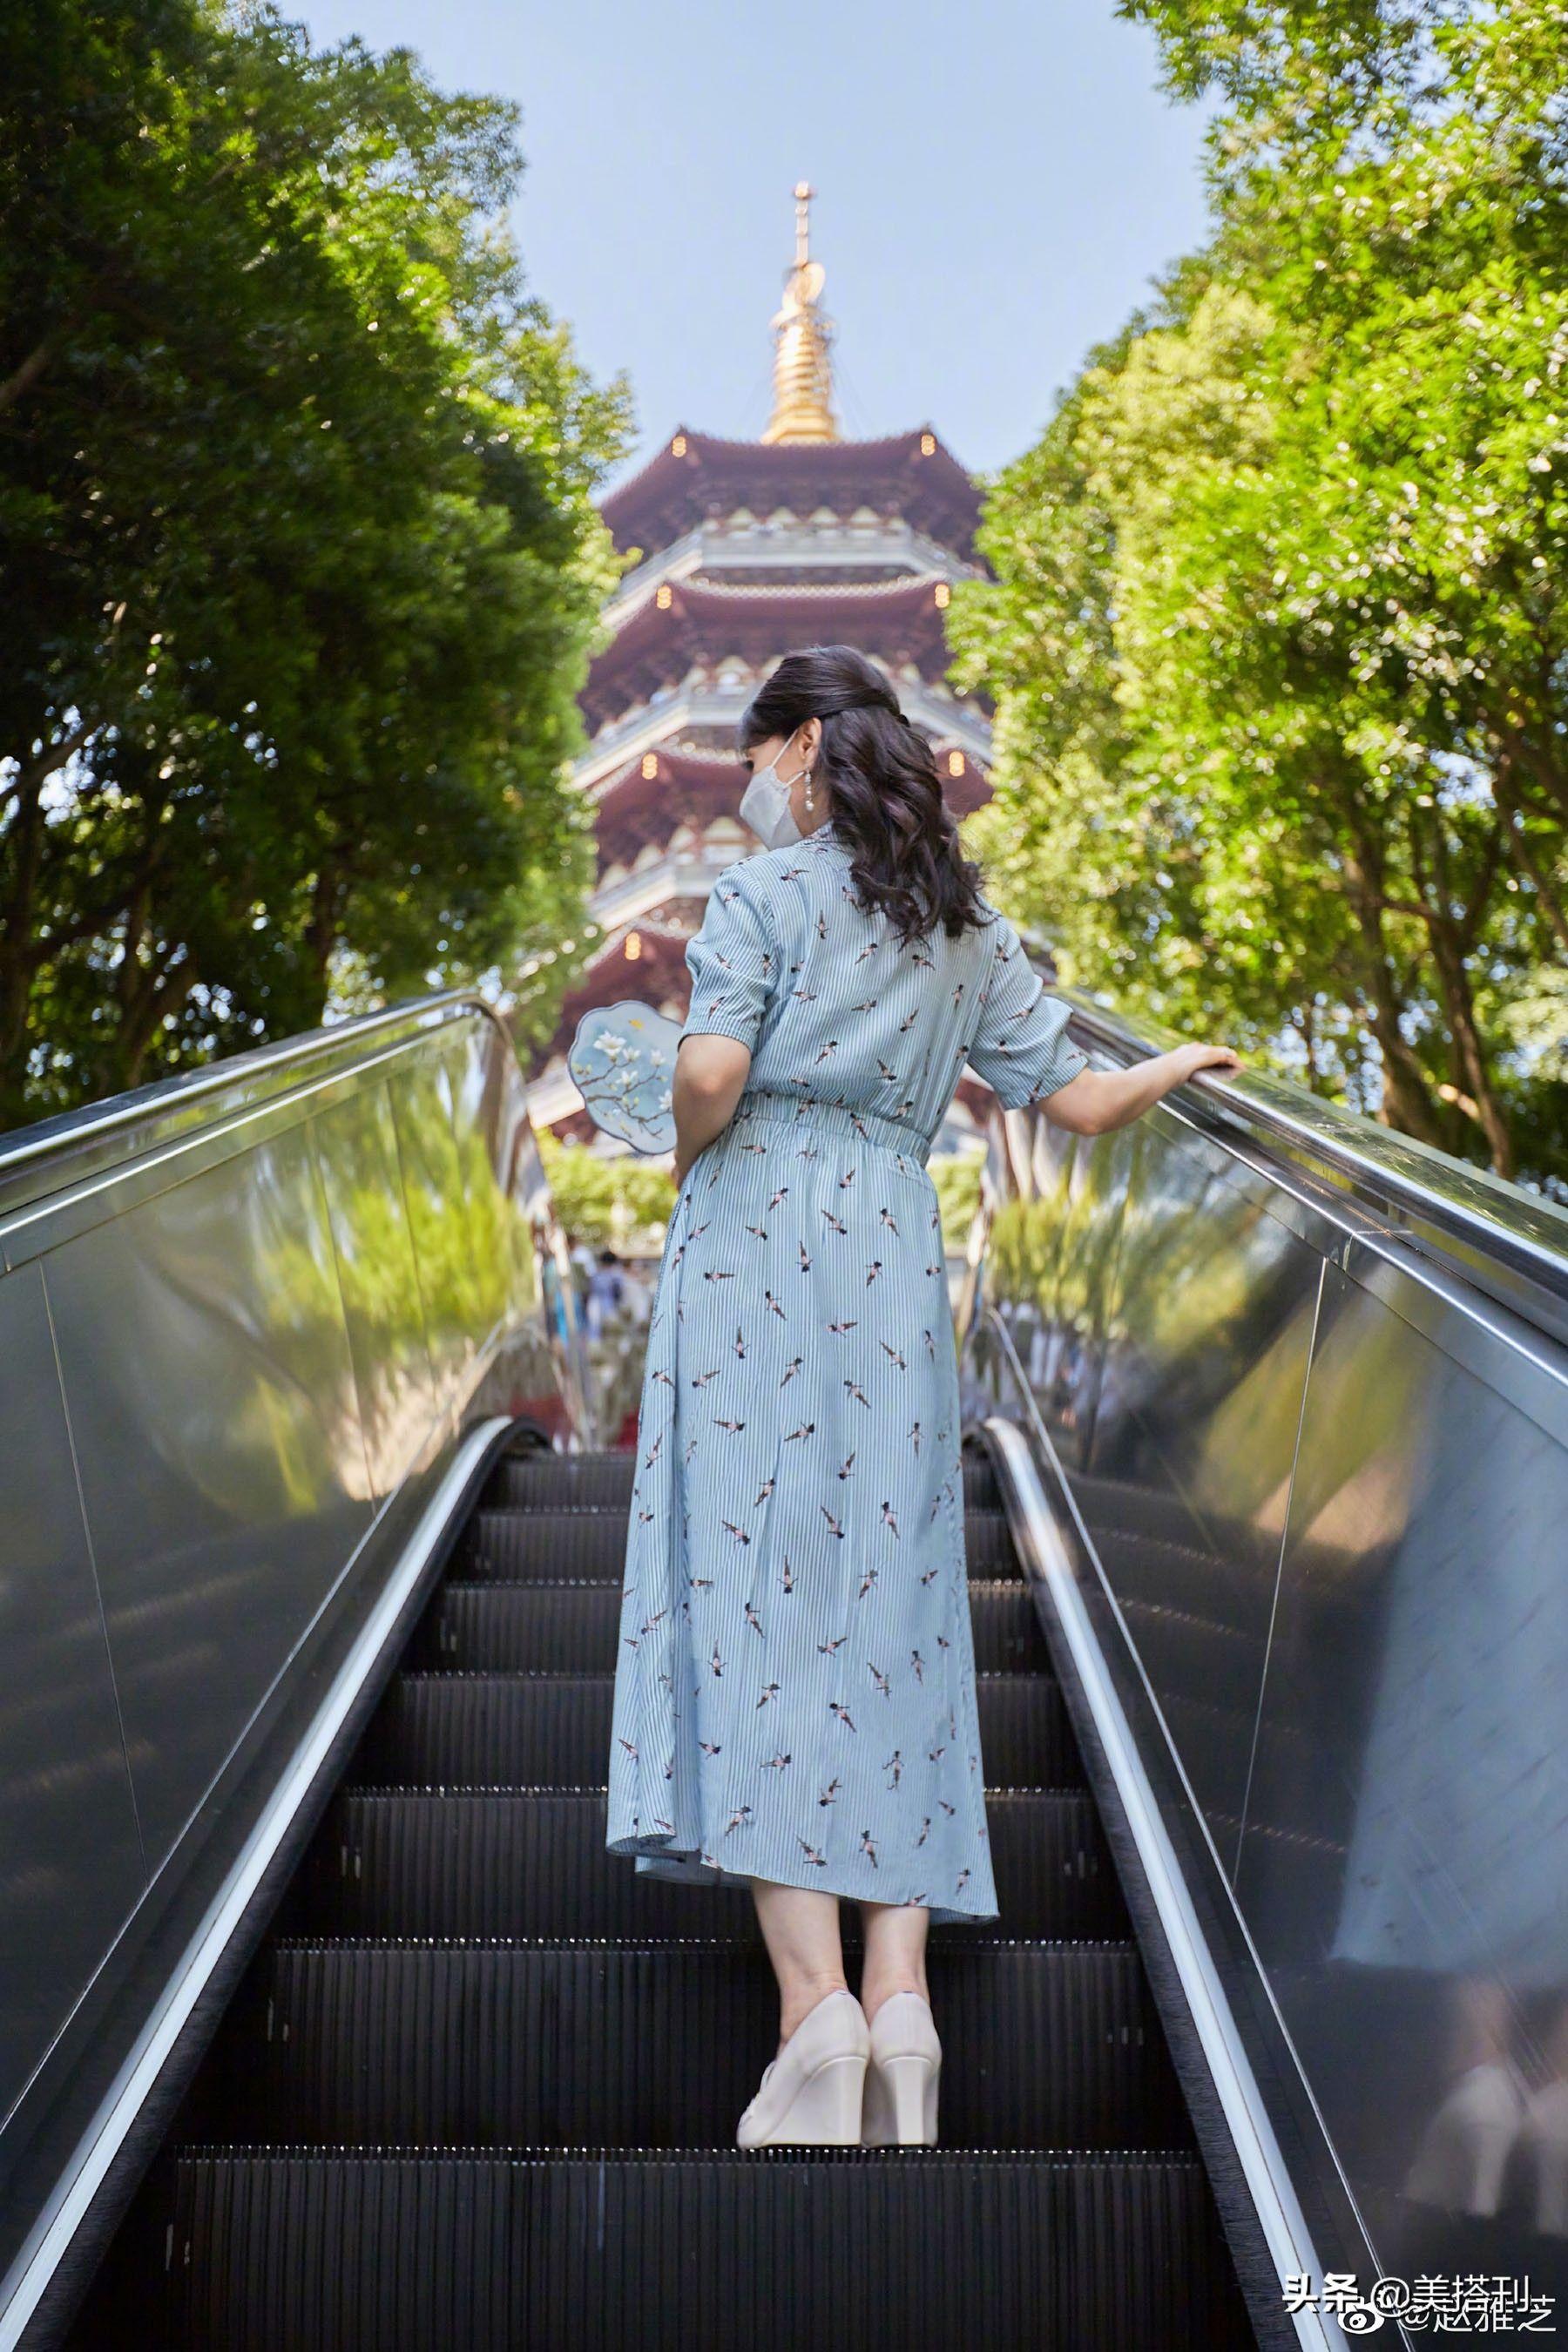 蓝色|赵雅芝重游雷峰塔,蓝色花裙配蓝色团扇清丽婉约,29年一点没变